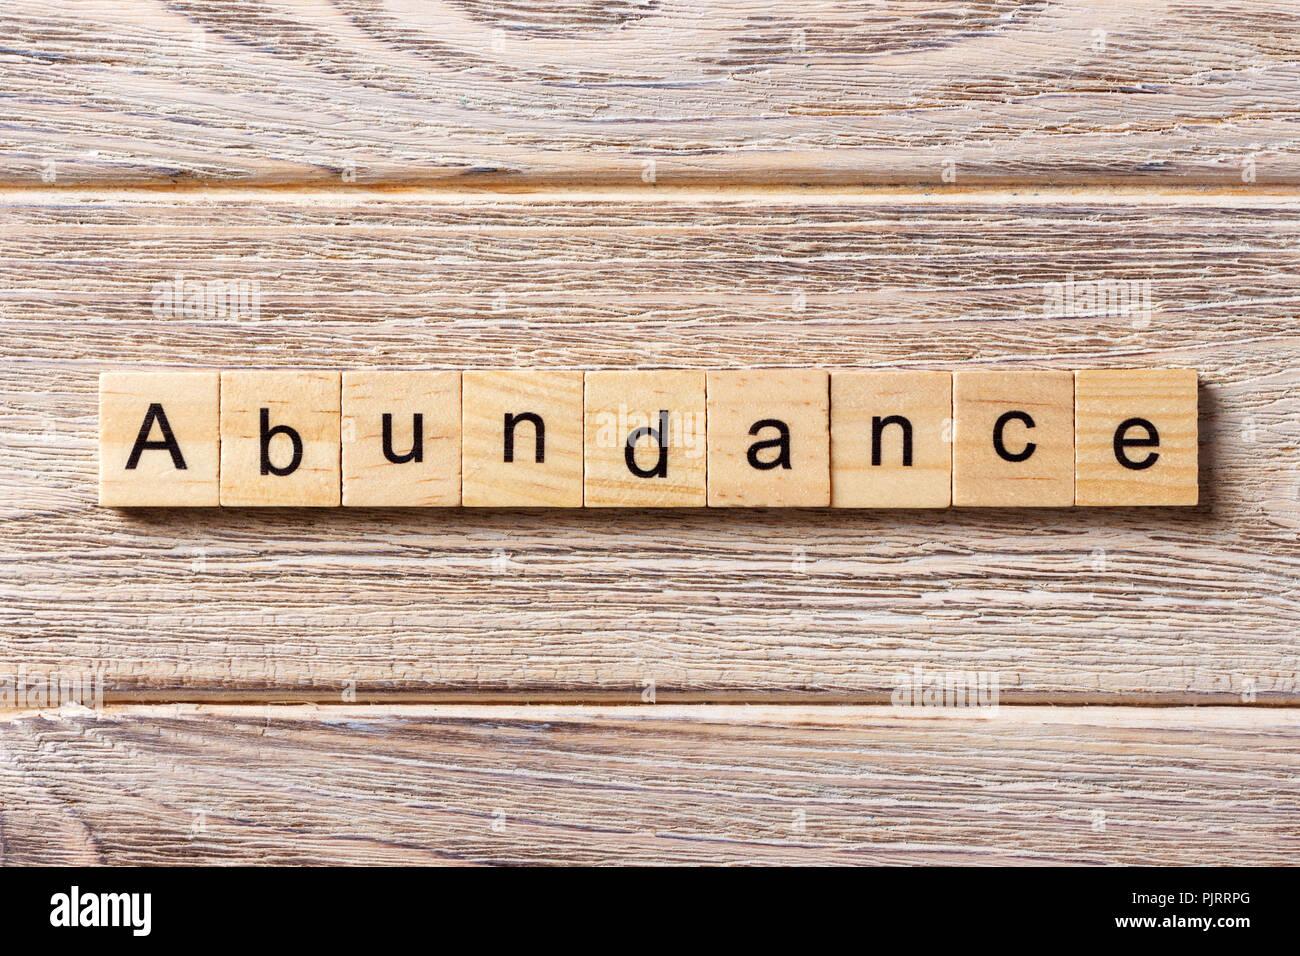 Abundancia palabra escrita sobre un bloque de madera. Abundancia de texto en tabla, concepto. Imagen De Stock